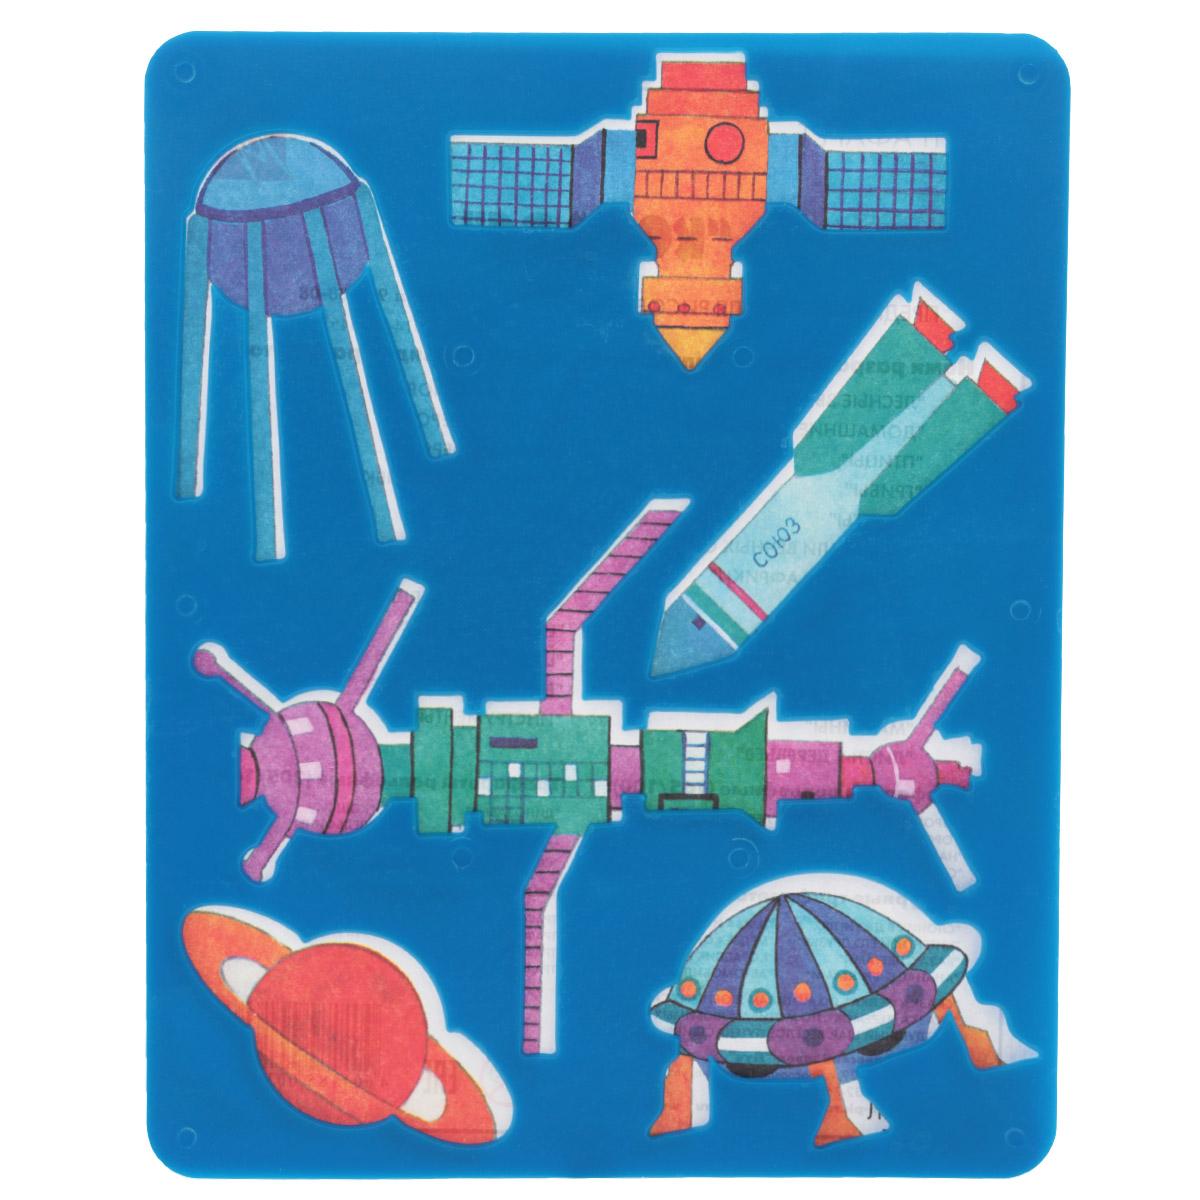 Трафарет прорезной Луч Космос9С 488-08Трафарет Луч Космос, выполненный из безопасного пластика, предназначен для детского творчества. По трафарету Космос маленькие художники смогут нарисовать спутники, ракету, космическую станцию, летающую тарелку и планету Сатурн. Для этого необходимо положить трафарет на лист бумаги, обвести фигуру по контуру и раскрасить по своему вкусу или глядя на цветную картинку-образец. Трафареты предназначены для развития у детей мелкой моторики и зрительно-двигательной координации, навыков художественной композиции и зрительного восприятия.